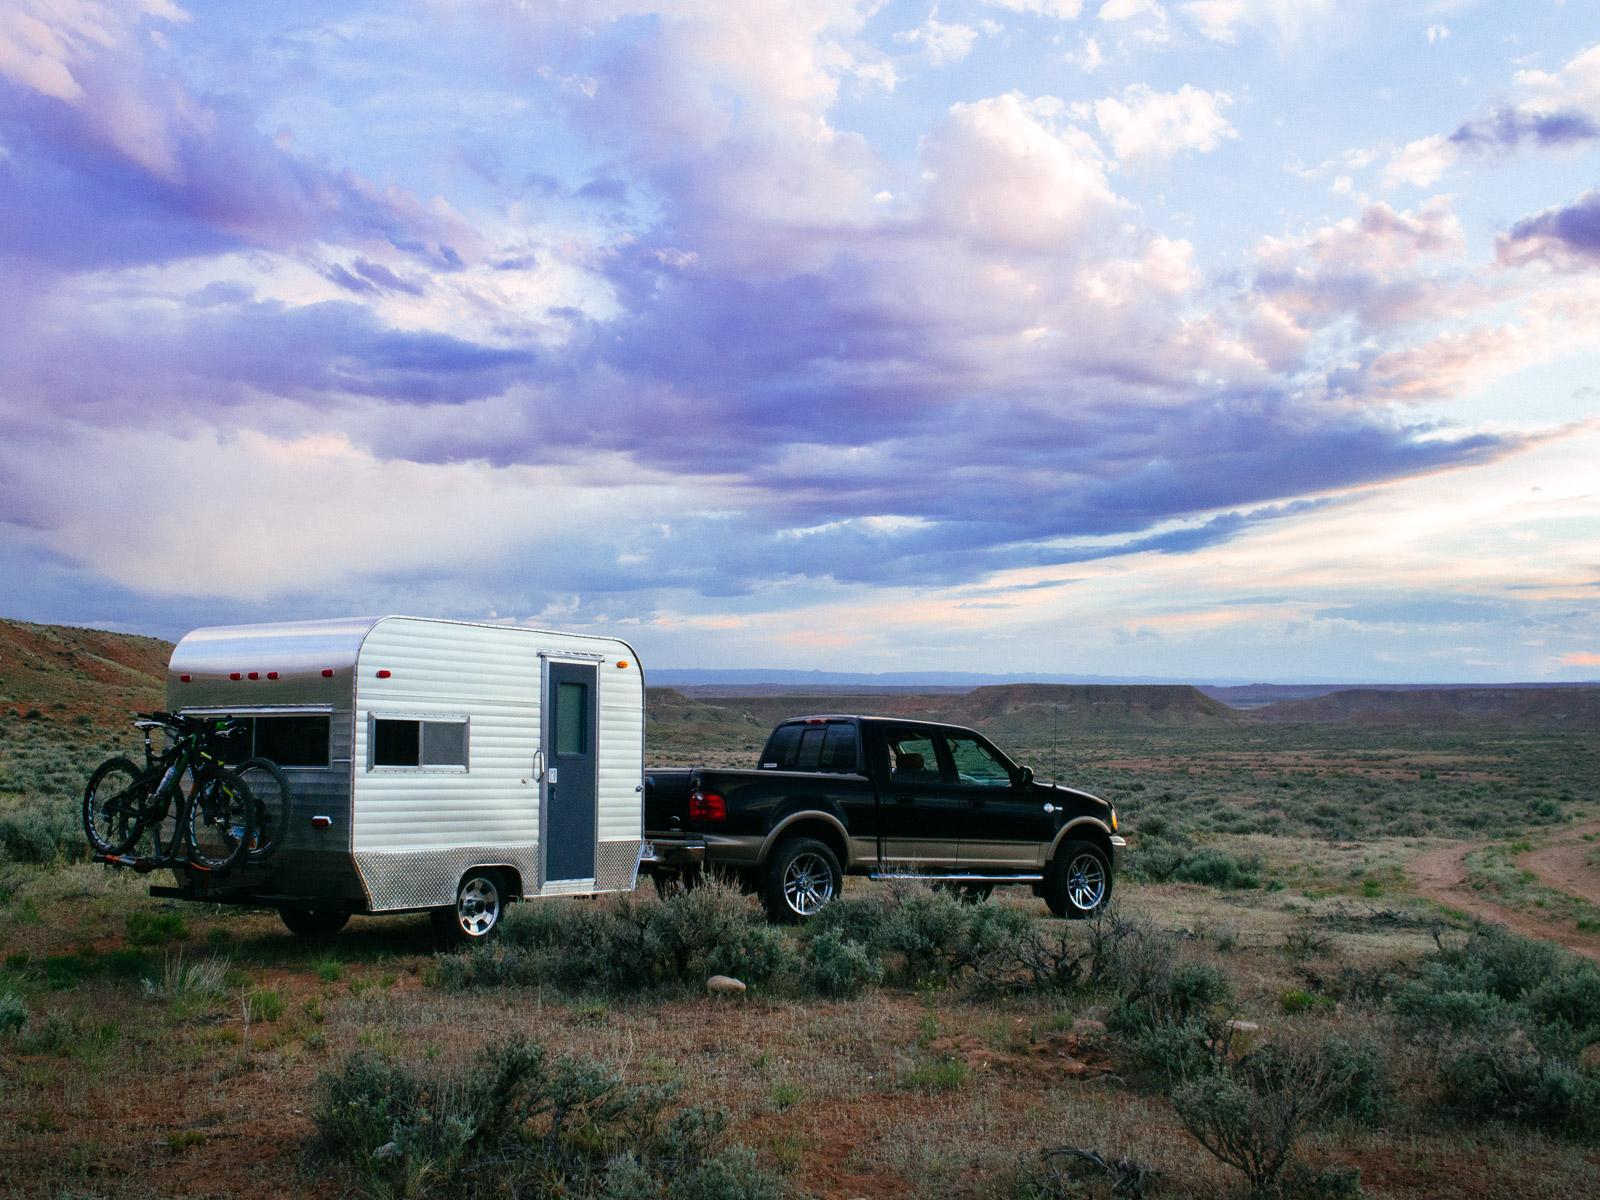 Bell Vintage Camper Adventure Rig